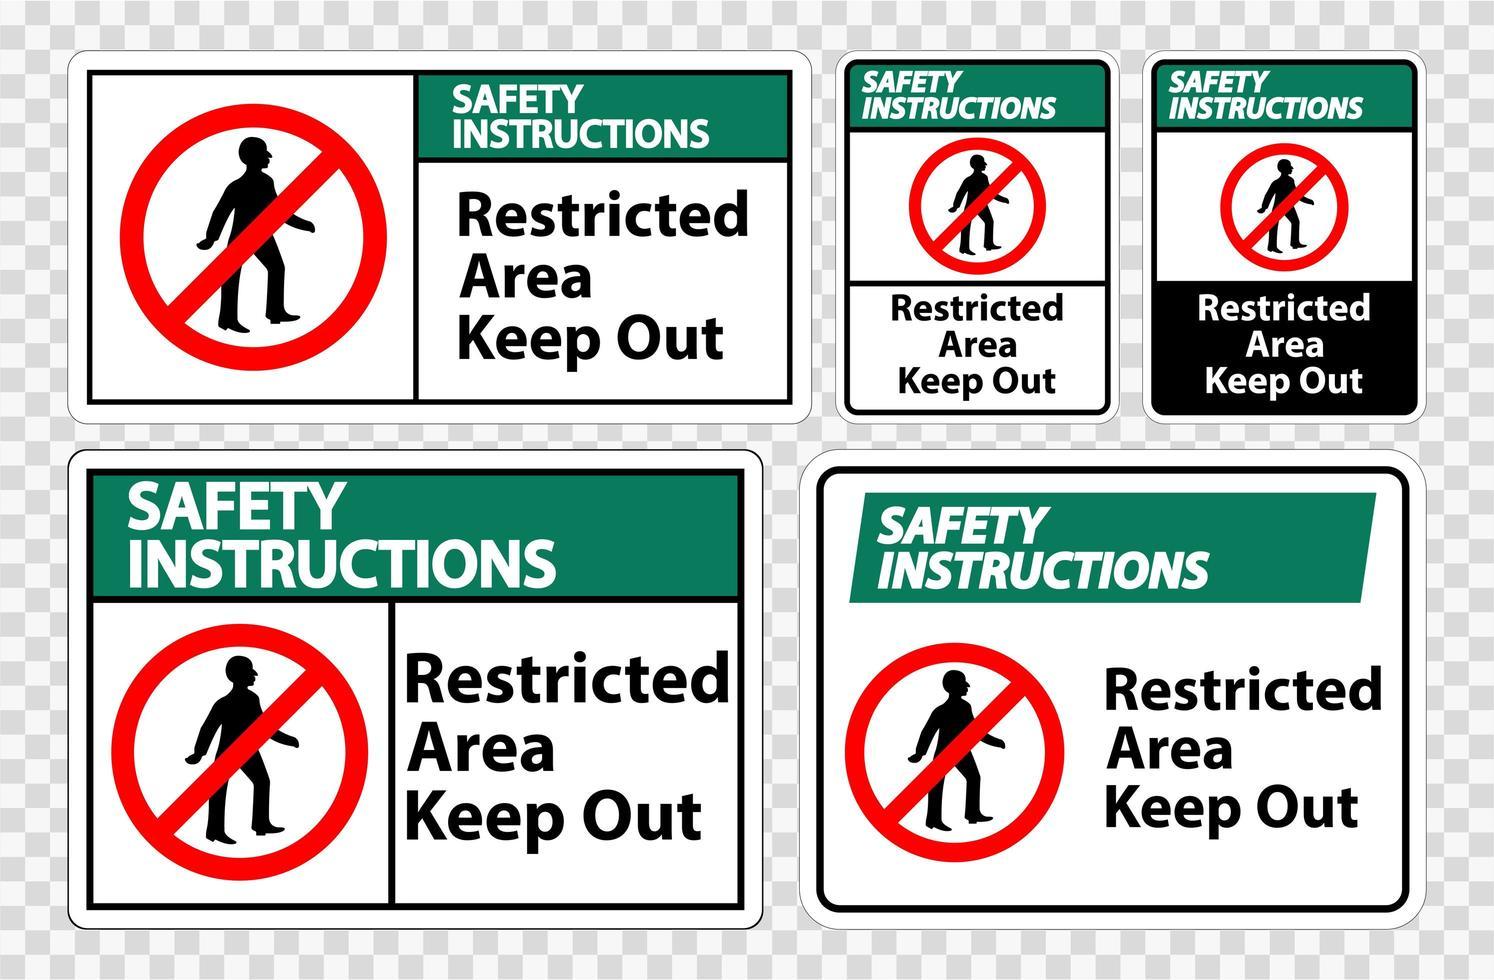 instrucciones de seguridad área restringida mantener fuera el conjunto de signos de símbolos vector